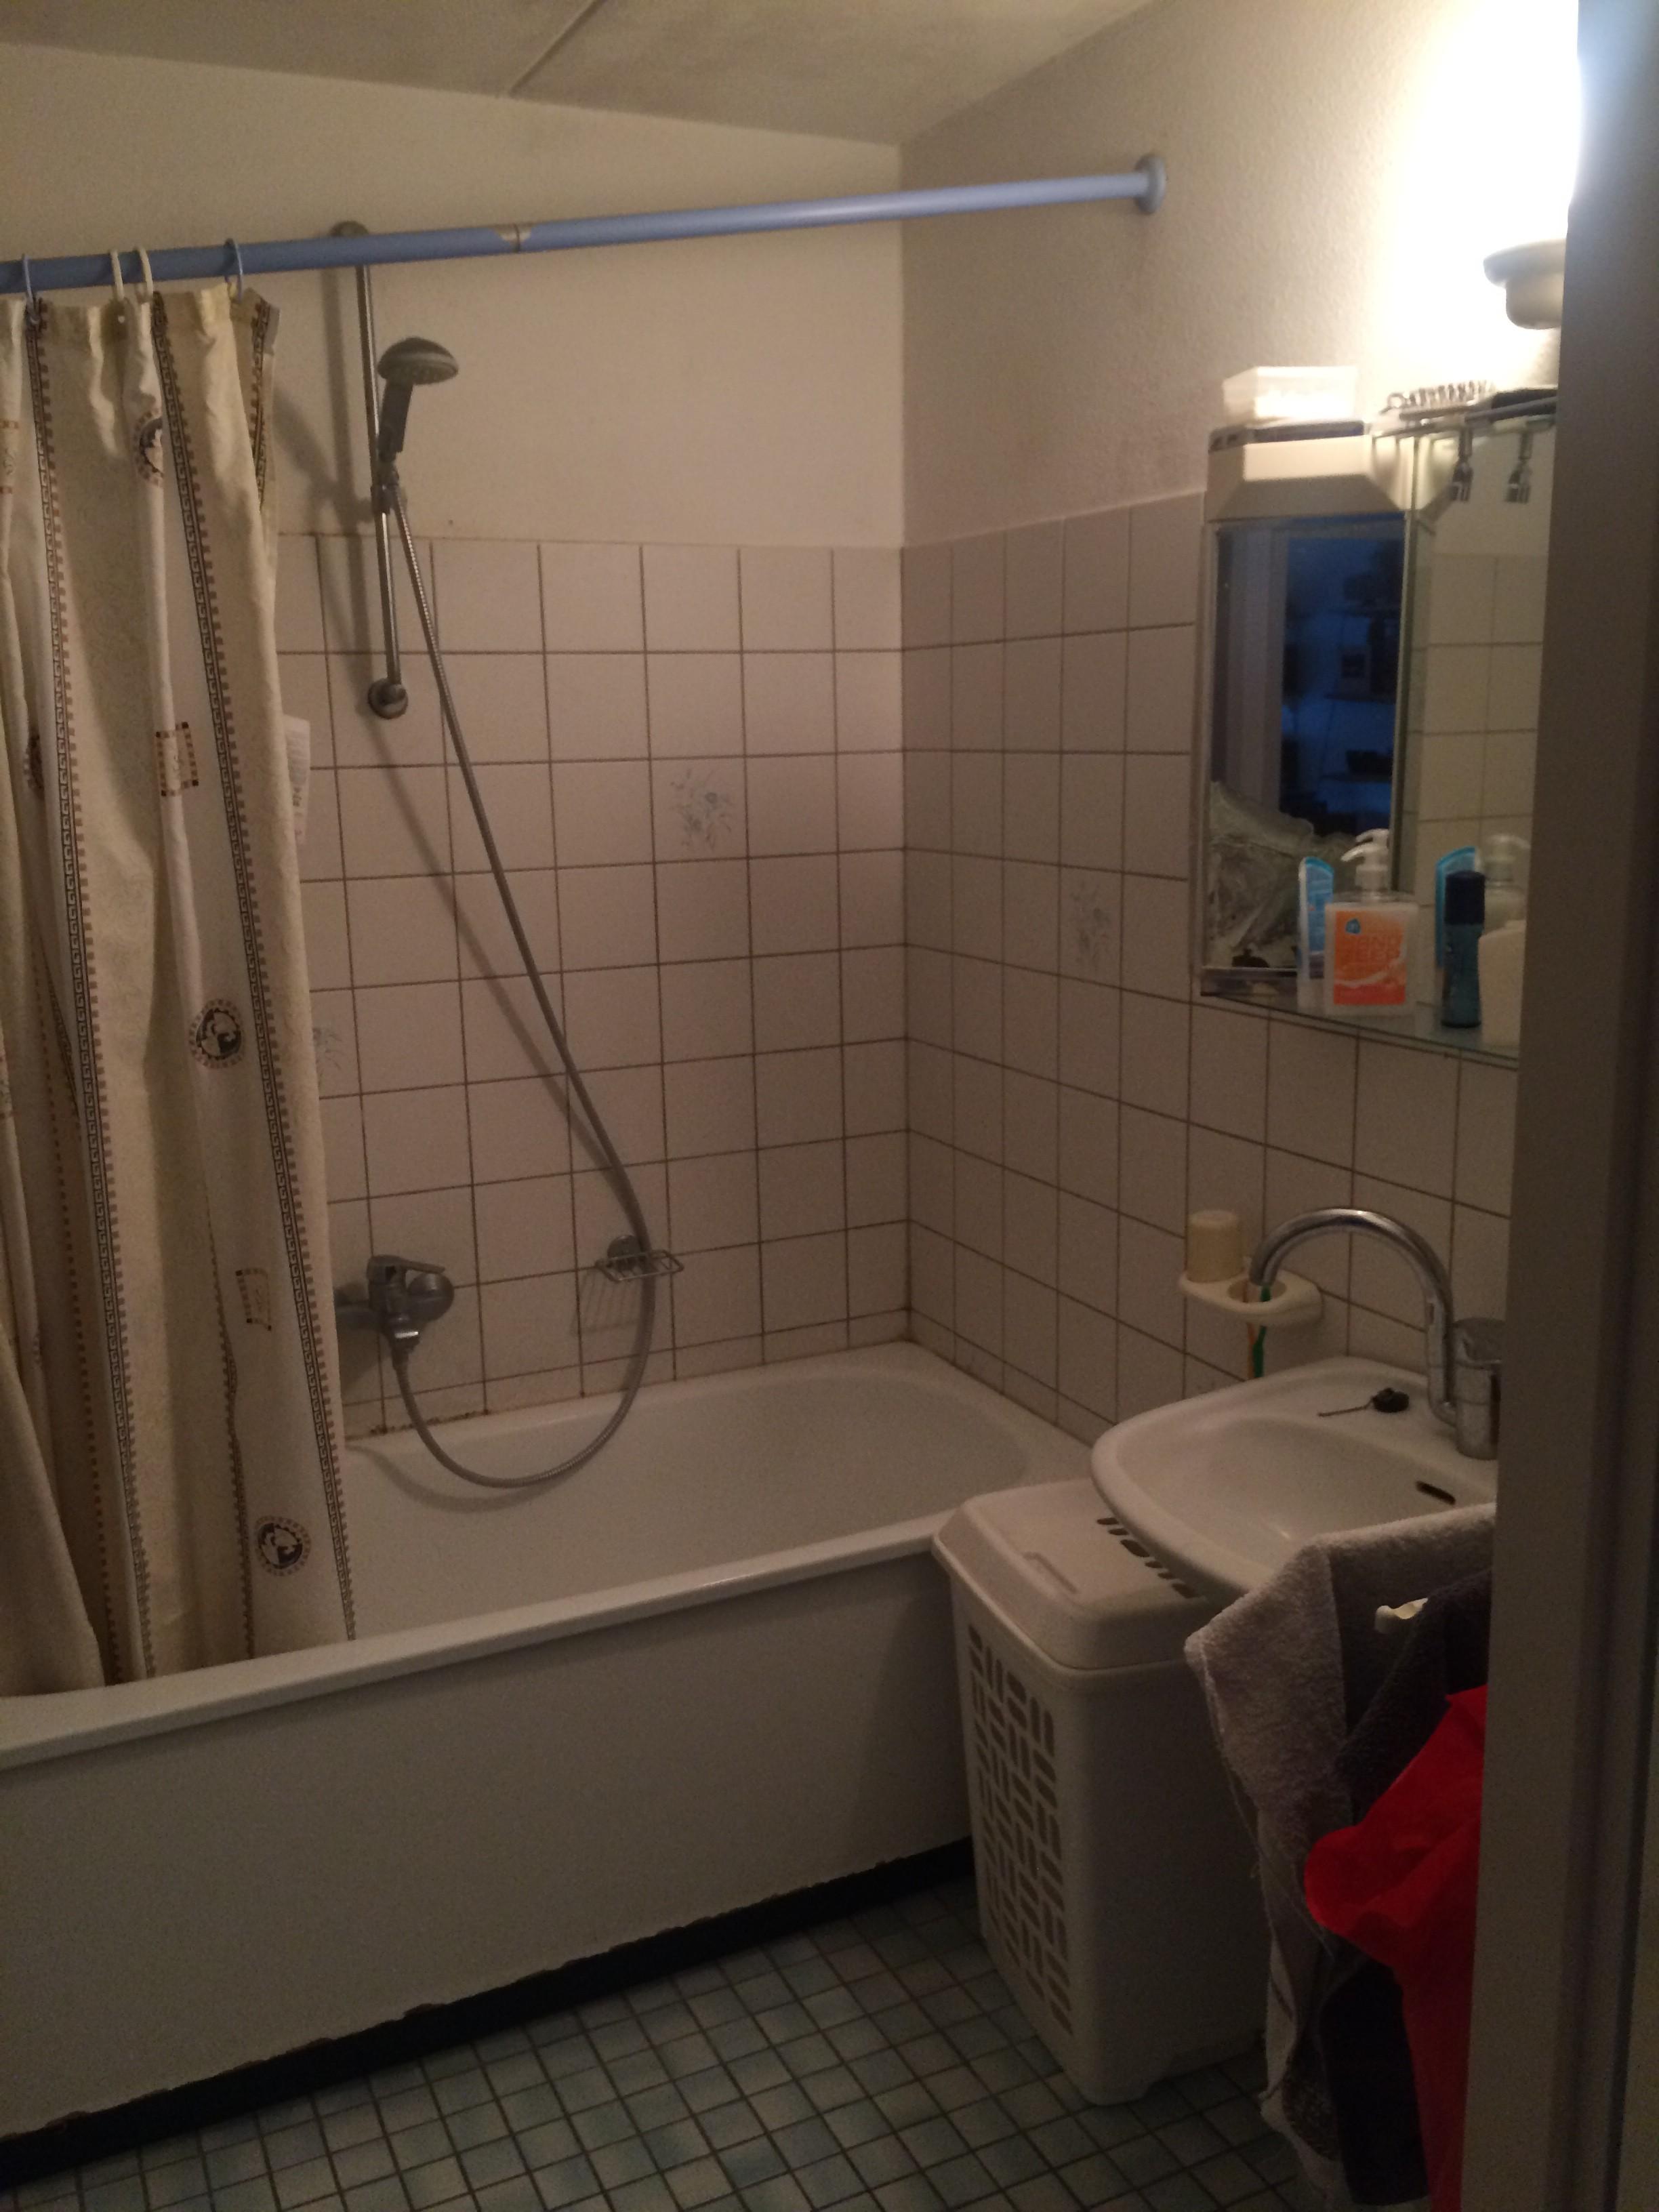 BKT_Zoetermeer_treijtel_afbouw_renovatie_badkamer_toilet_ontwerp_aanbesteding_uitvoering_toezicht_04.jpg